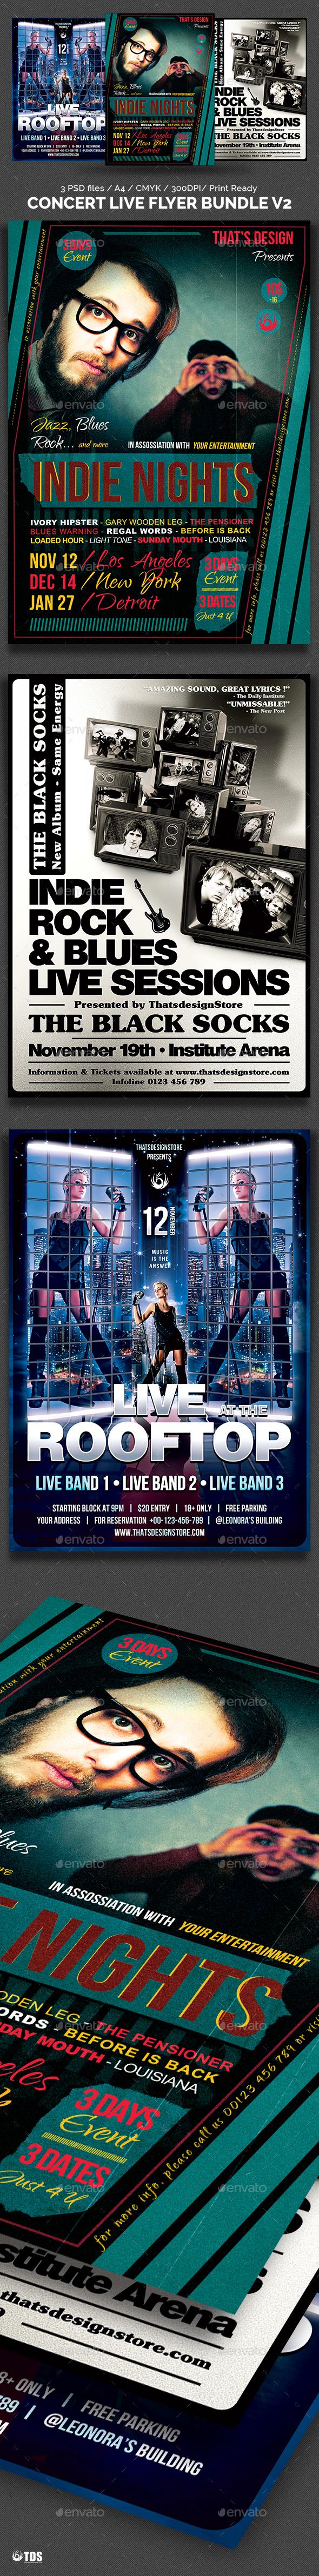 Concert Live Flyer Bundle V2 - Concerts Events